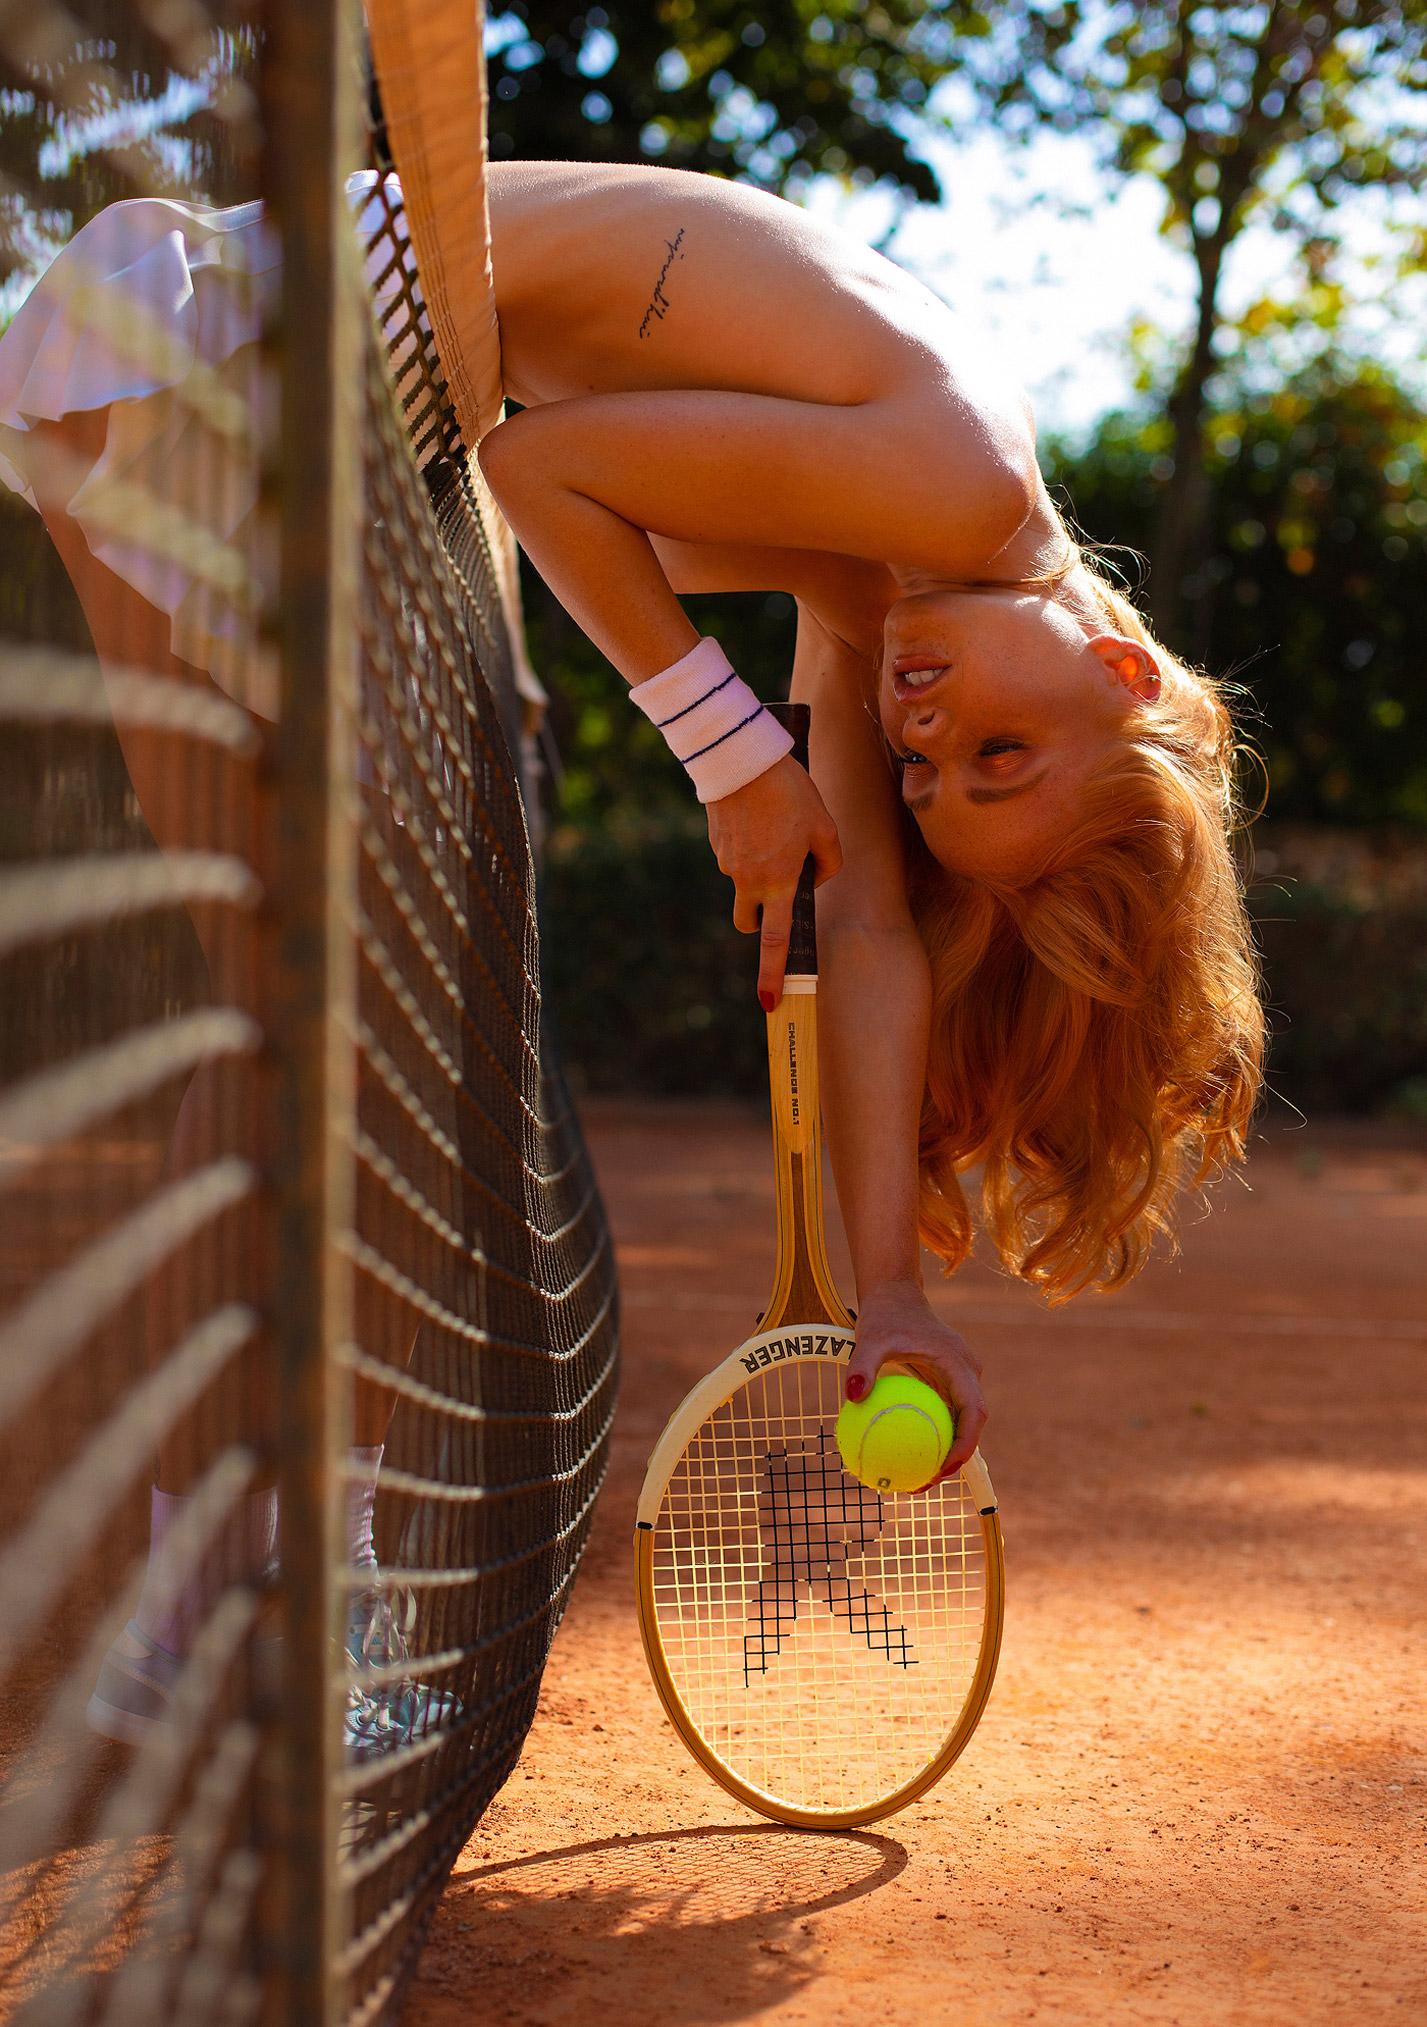 звезда голландского Playboy Свенья ван дер Богарт голая играет в теннис / фото 10